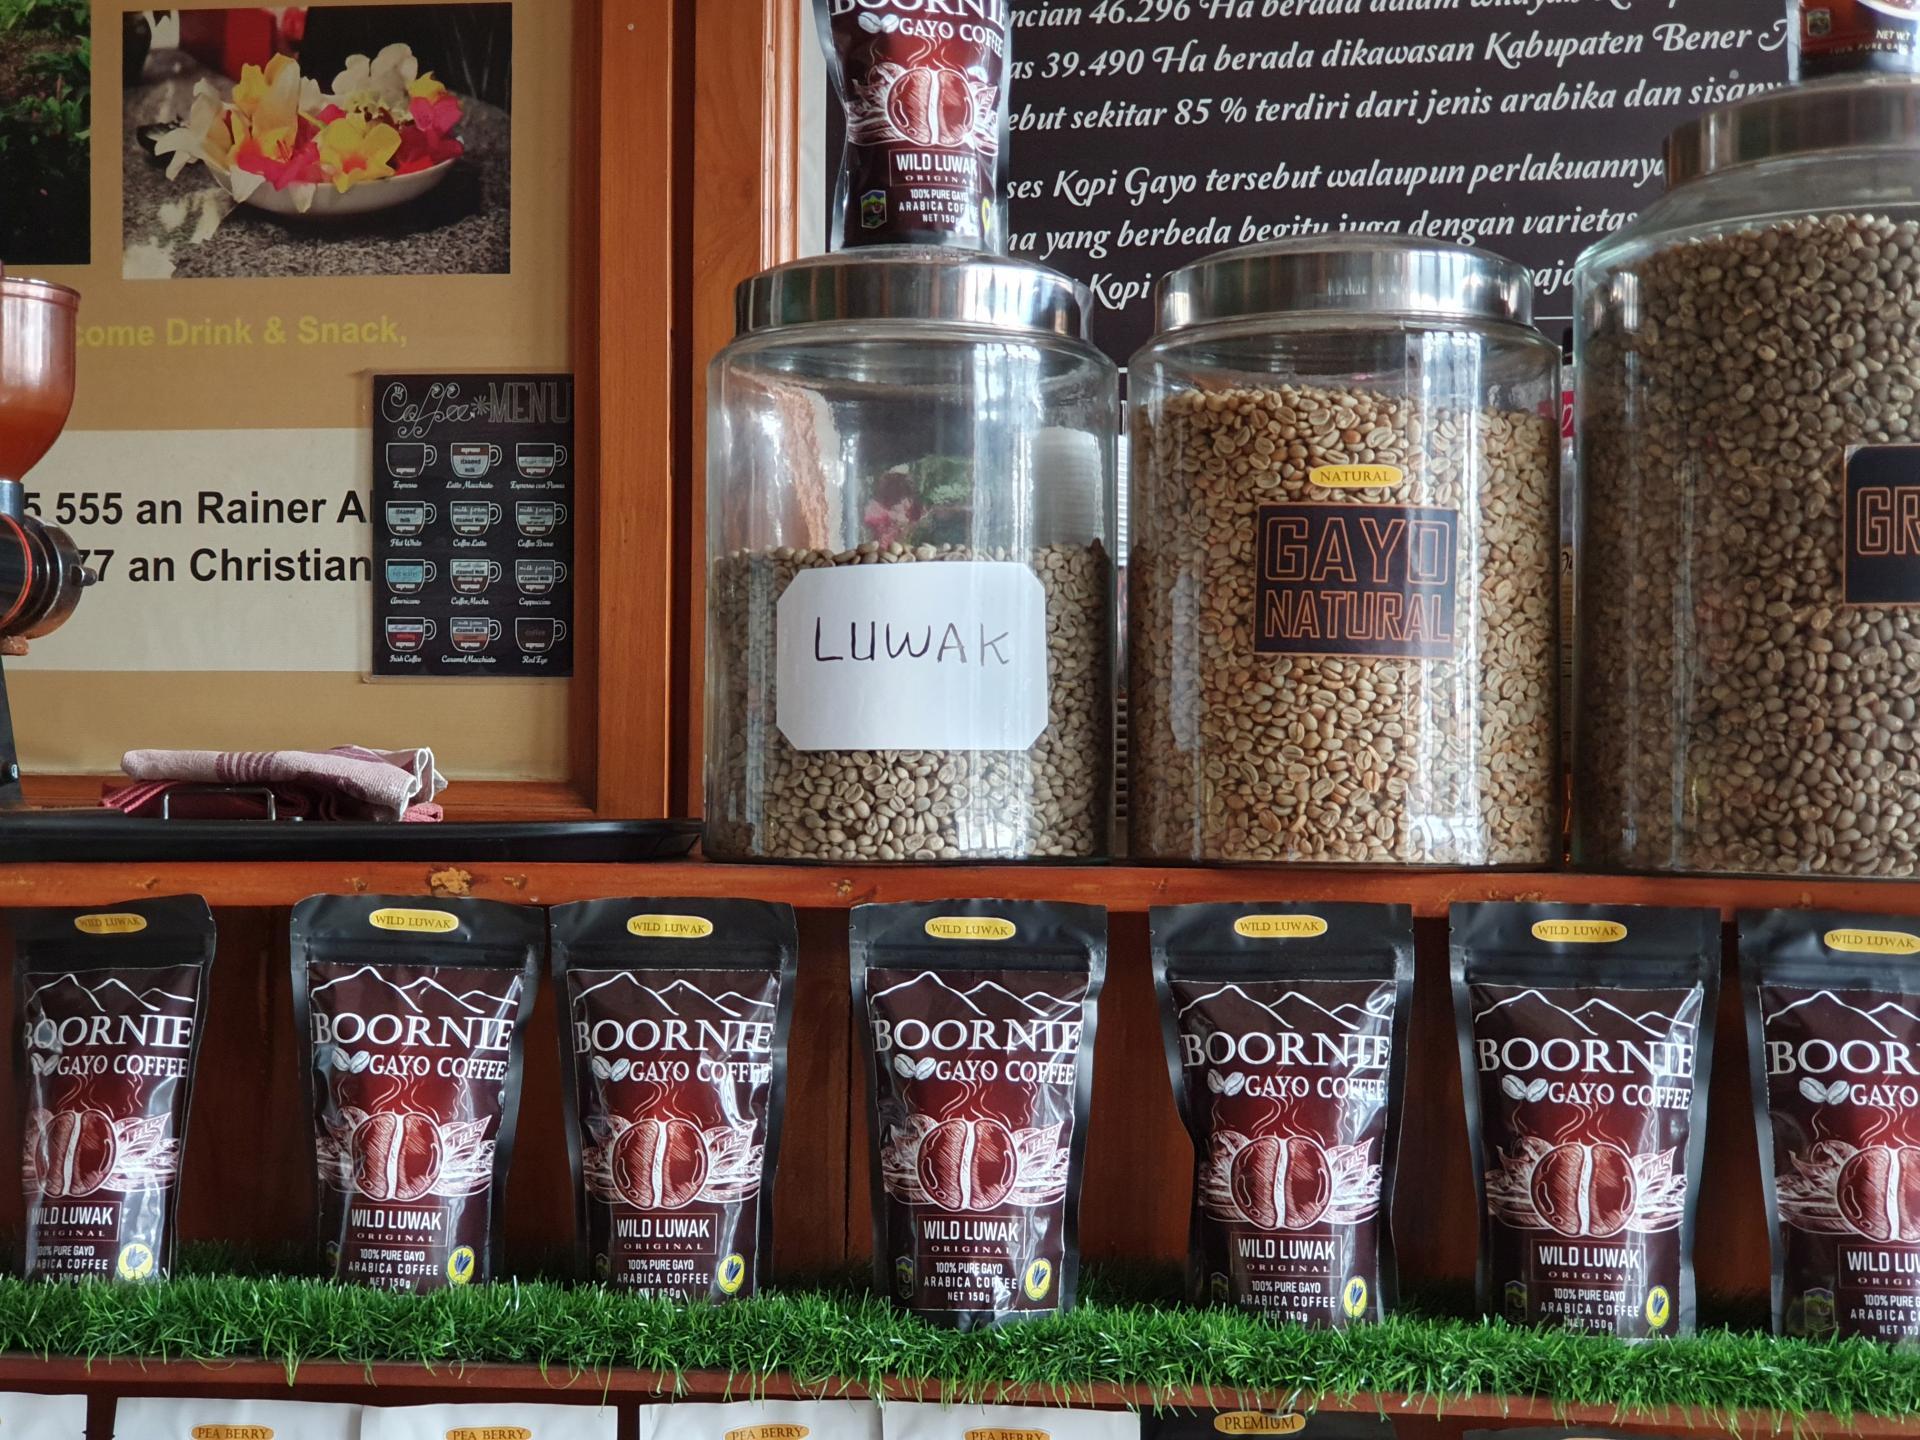 кофе лювак в продаже